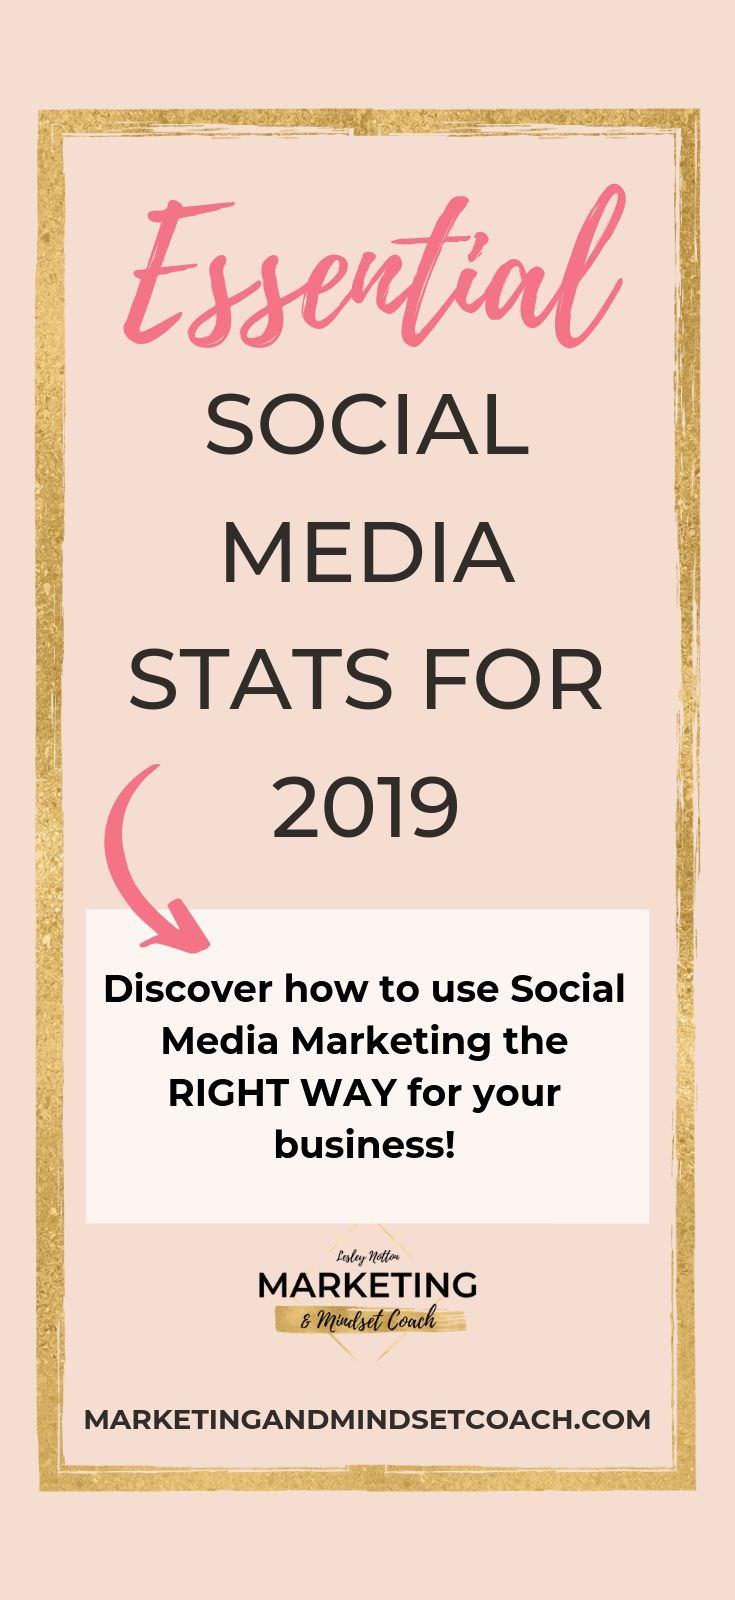 2019 SOCIAL MEDIA STATISTICS